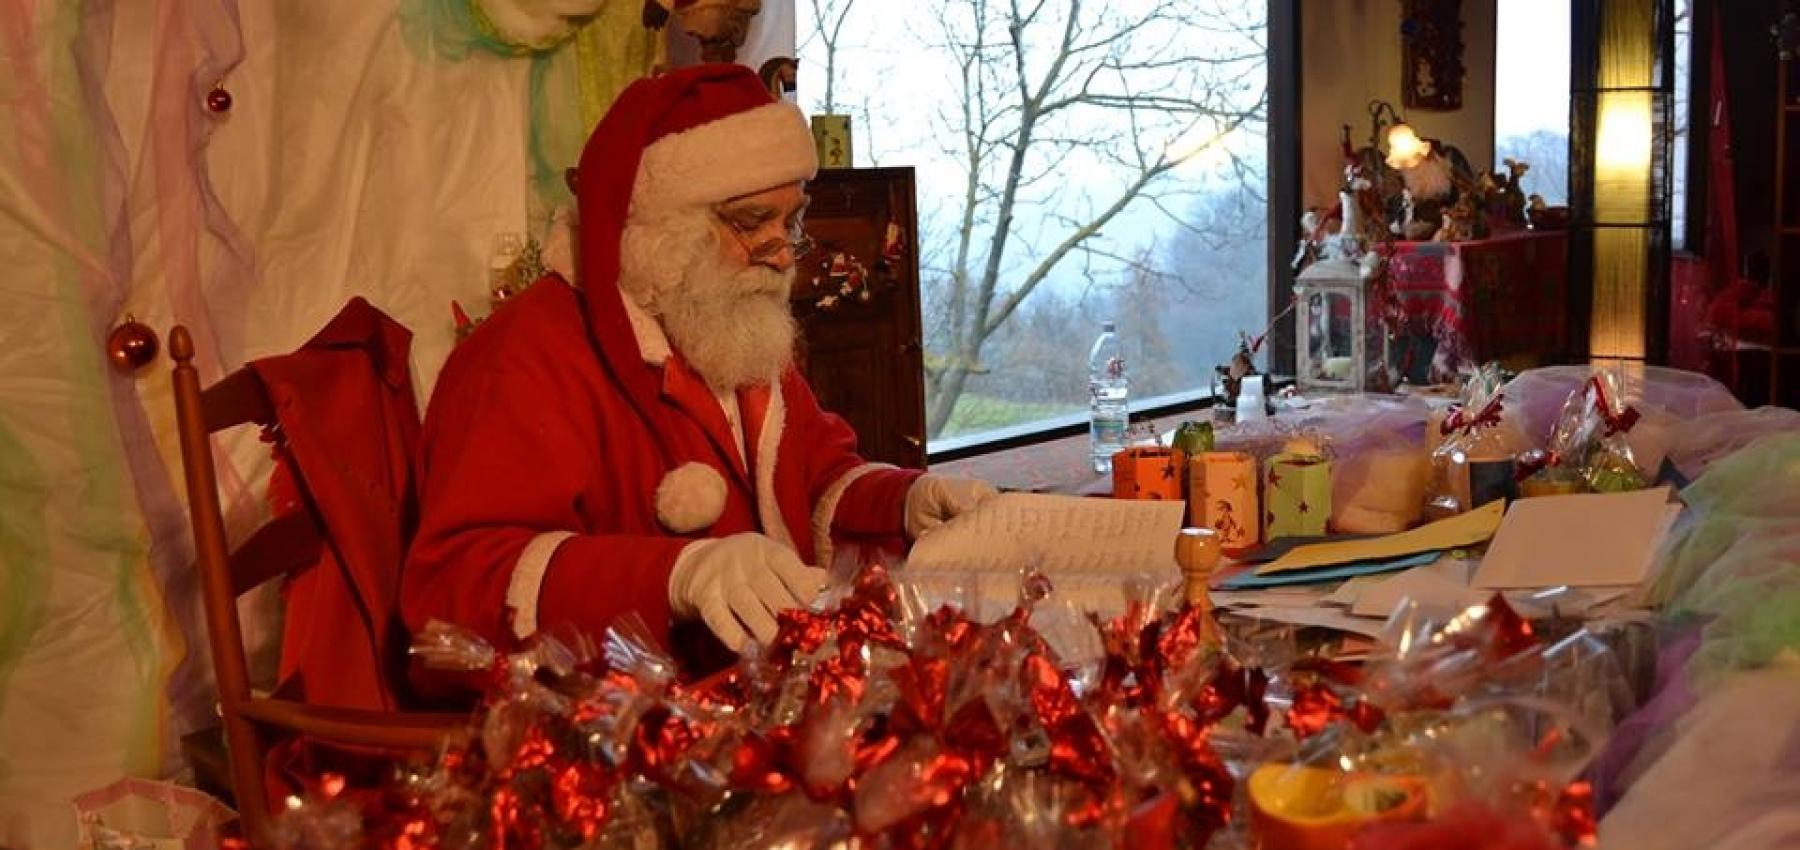 Babbo Natale Casa.Il Villaggio Di Babbo Natale In Una Casa Campidanese Gli Eventi Delle Feste Ad Assemini Cagliari Vistanet